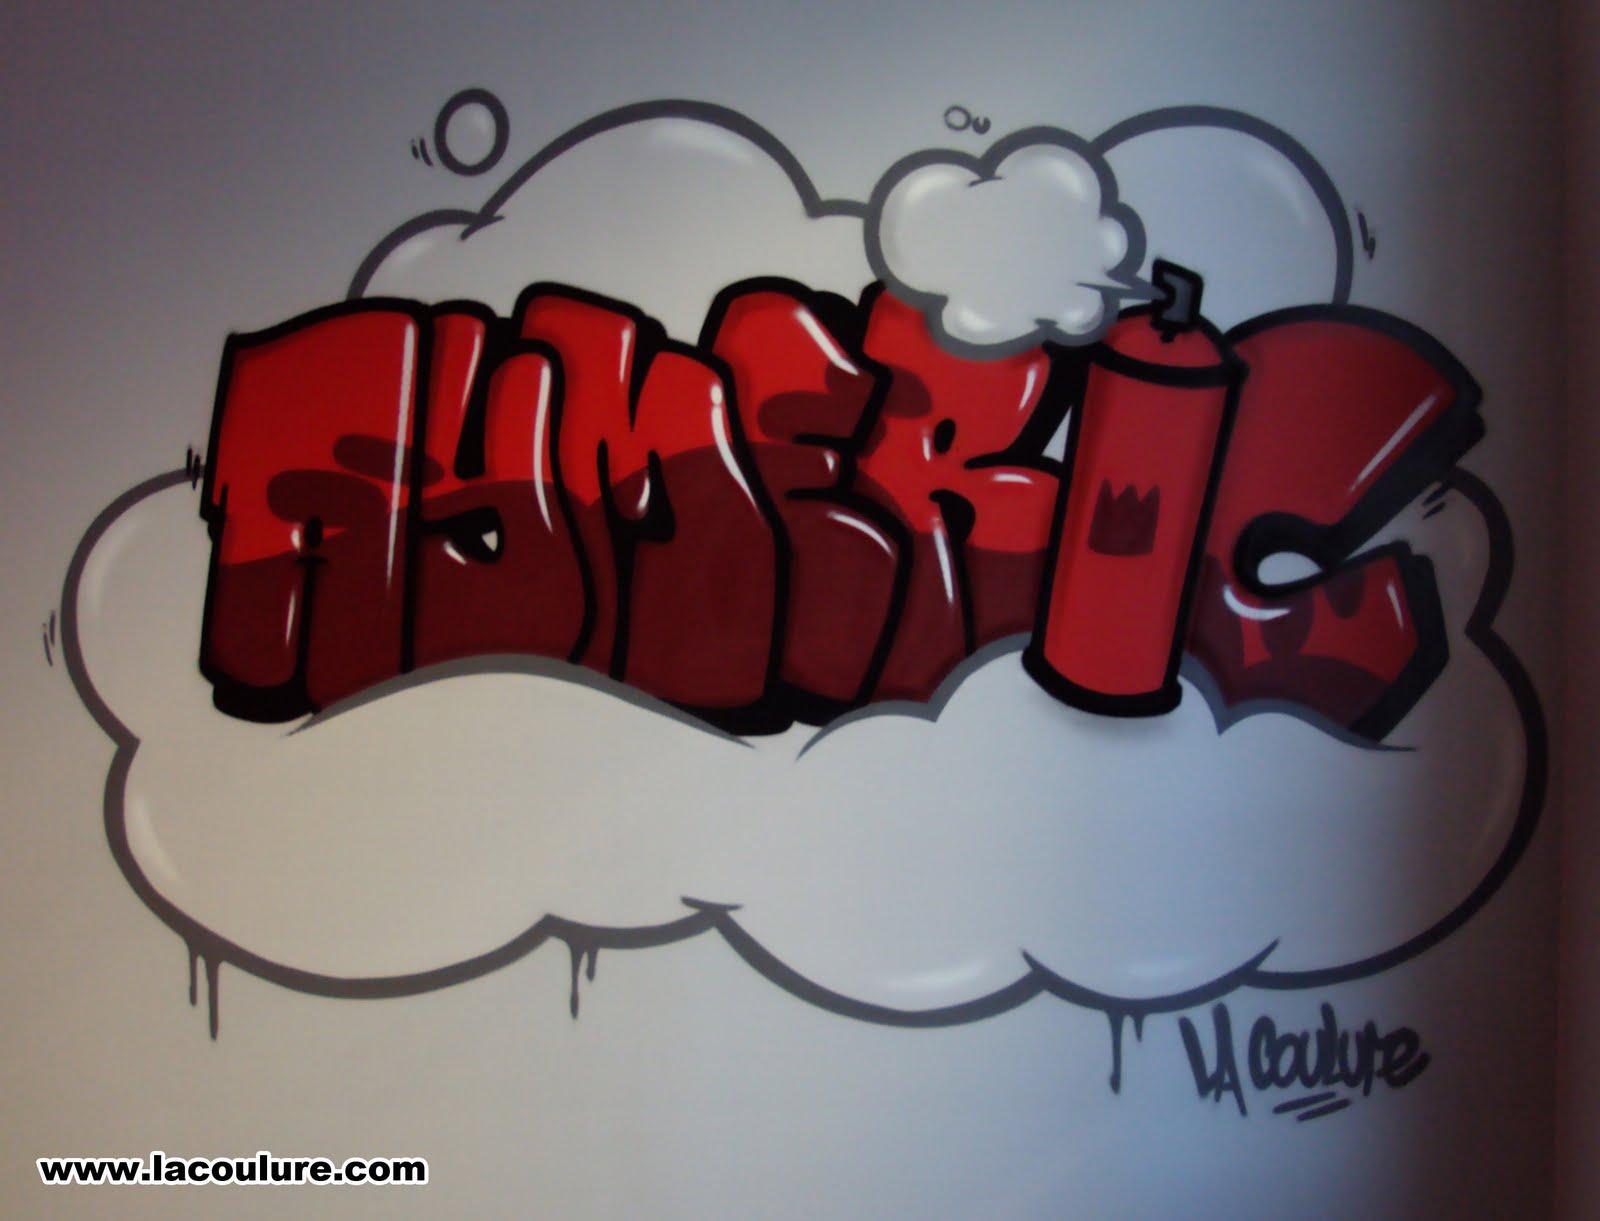 Prenom Graffiti Prenom Graffiti Clinepub Je Suis Le Seul Ici Dans